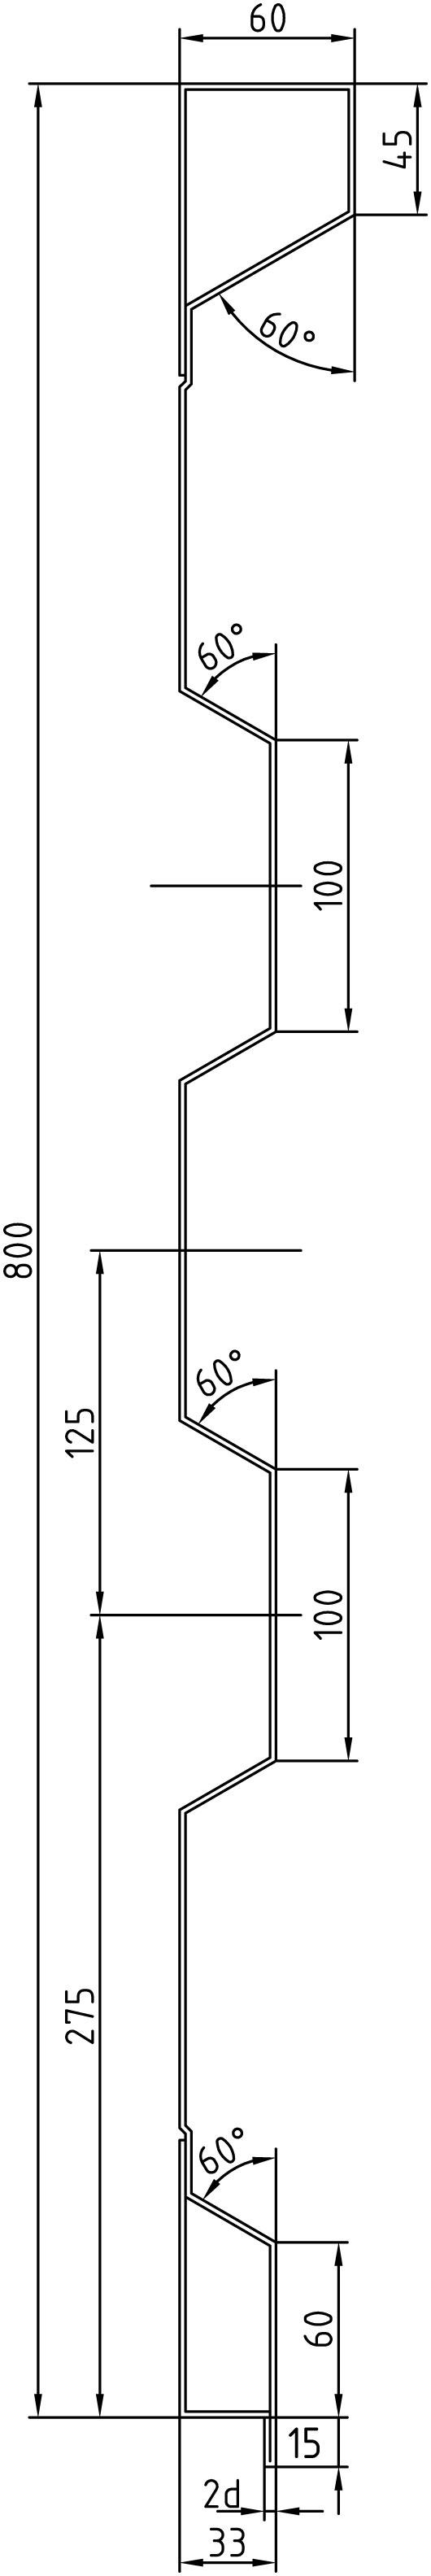 Brantner Kipper und Anhänger - 800x2,5x6008 BW samt EL ohne PW- Bolzen